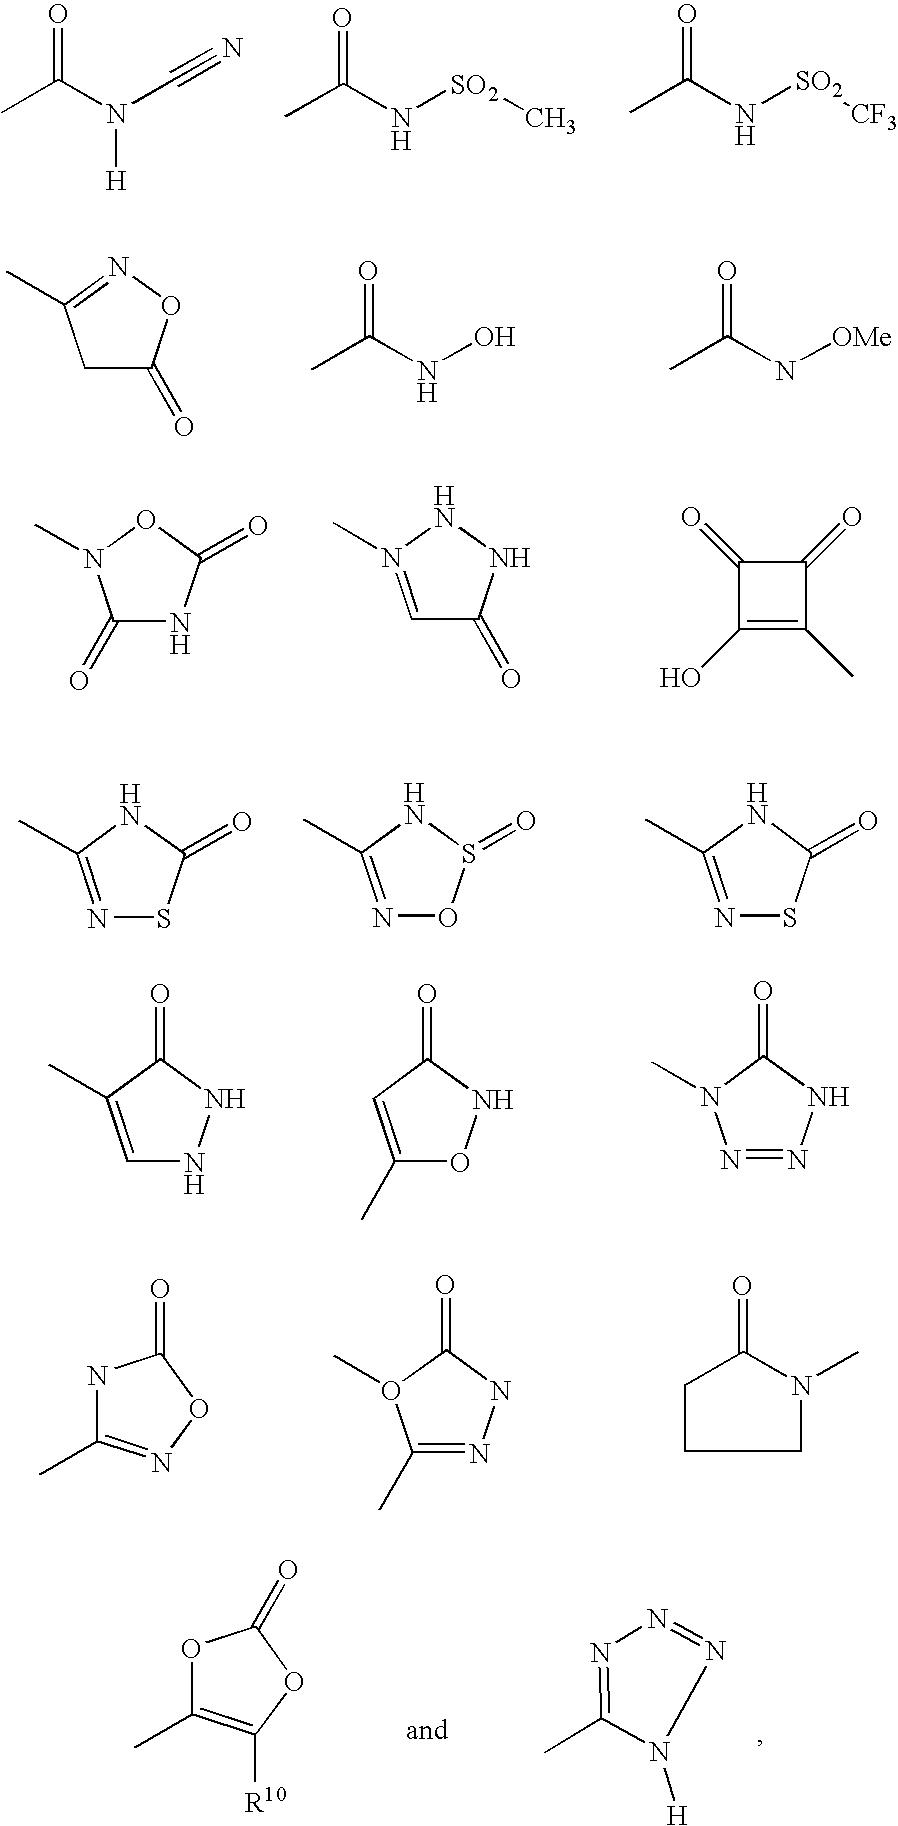 Figure US20050009827A1-20050113-C00008